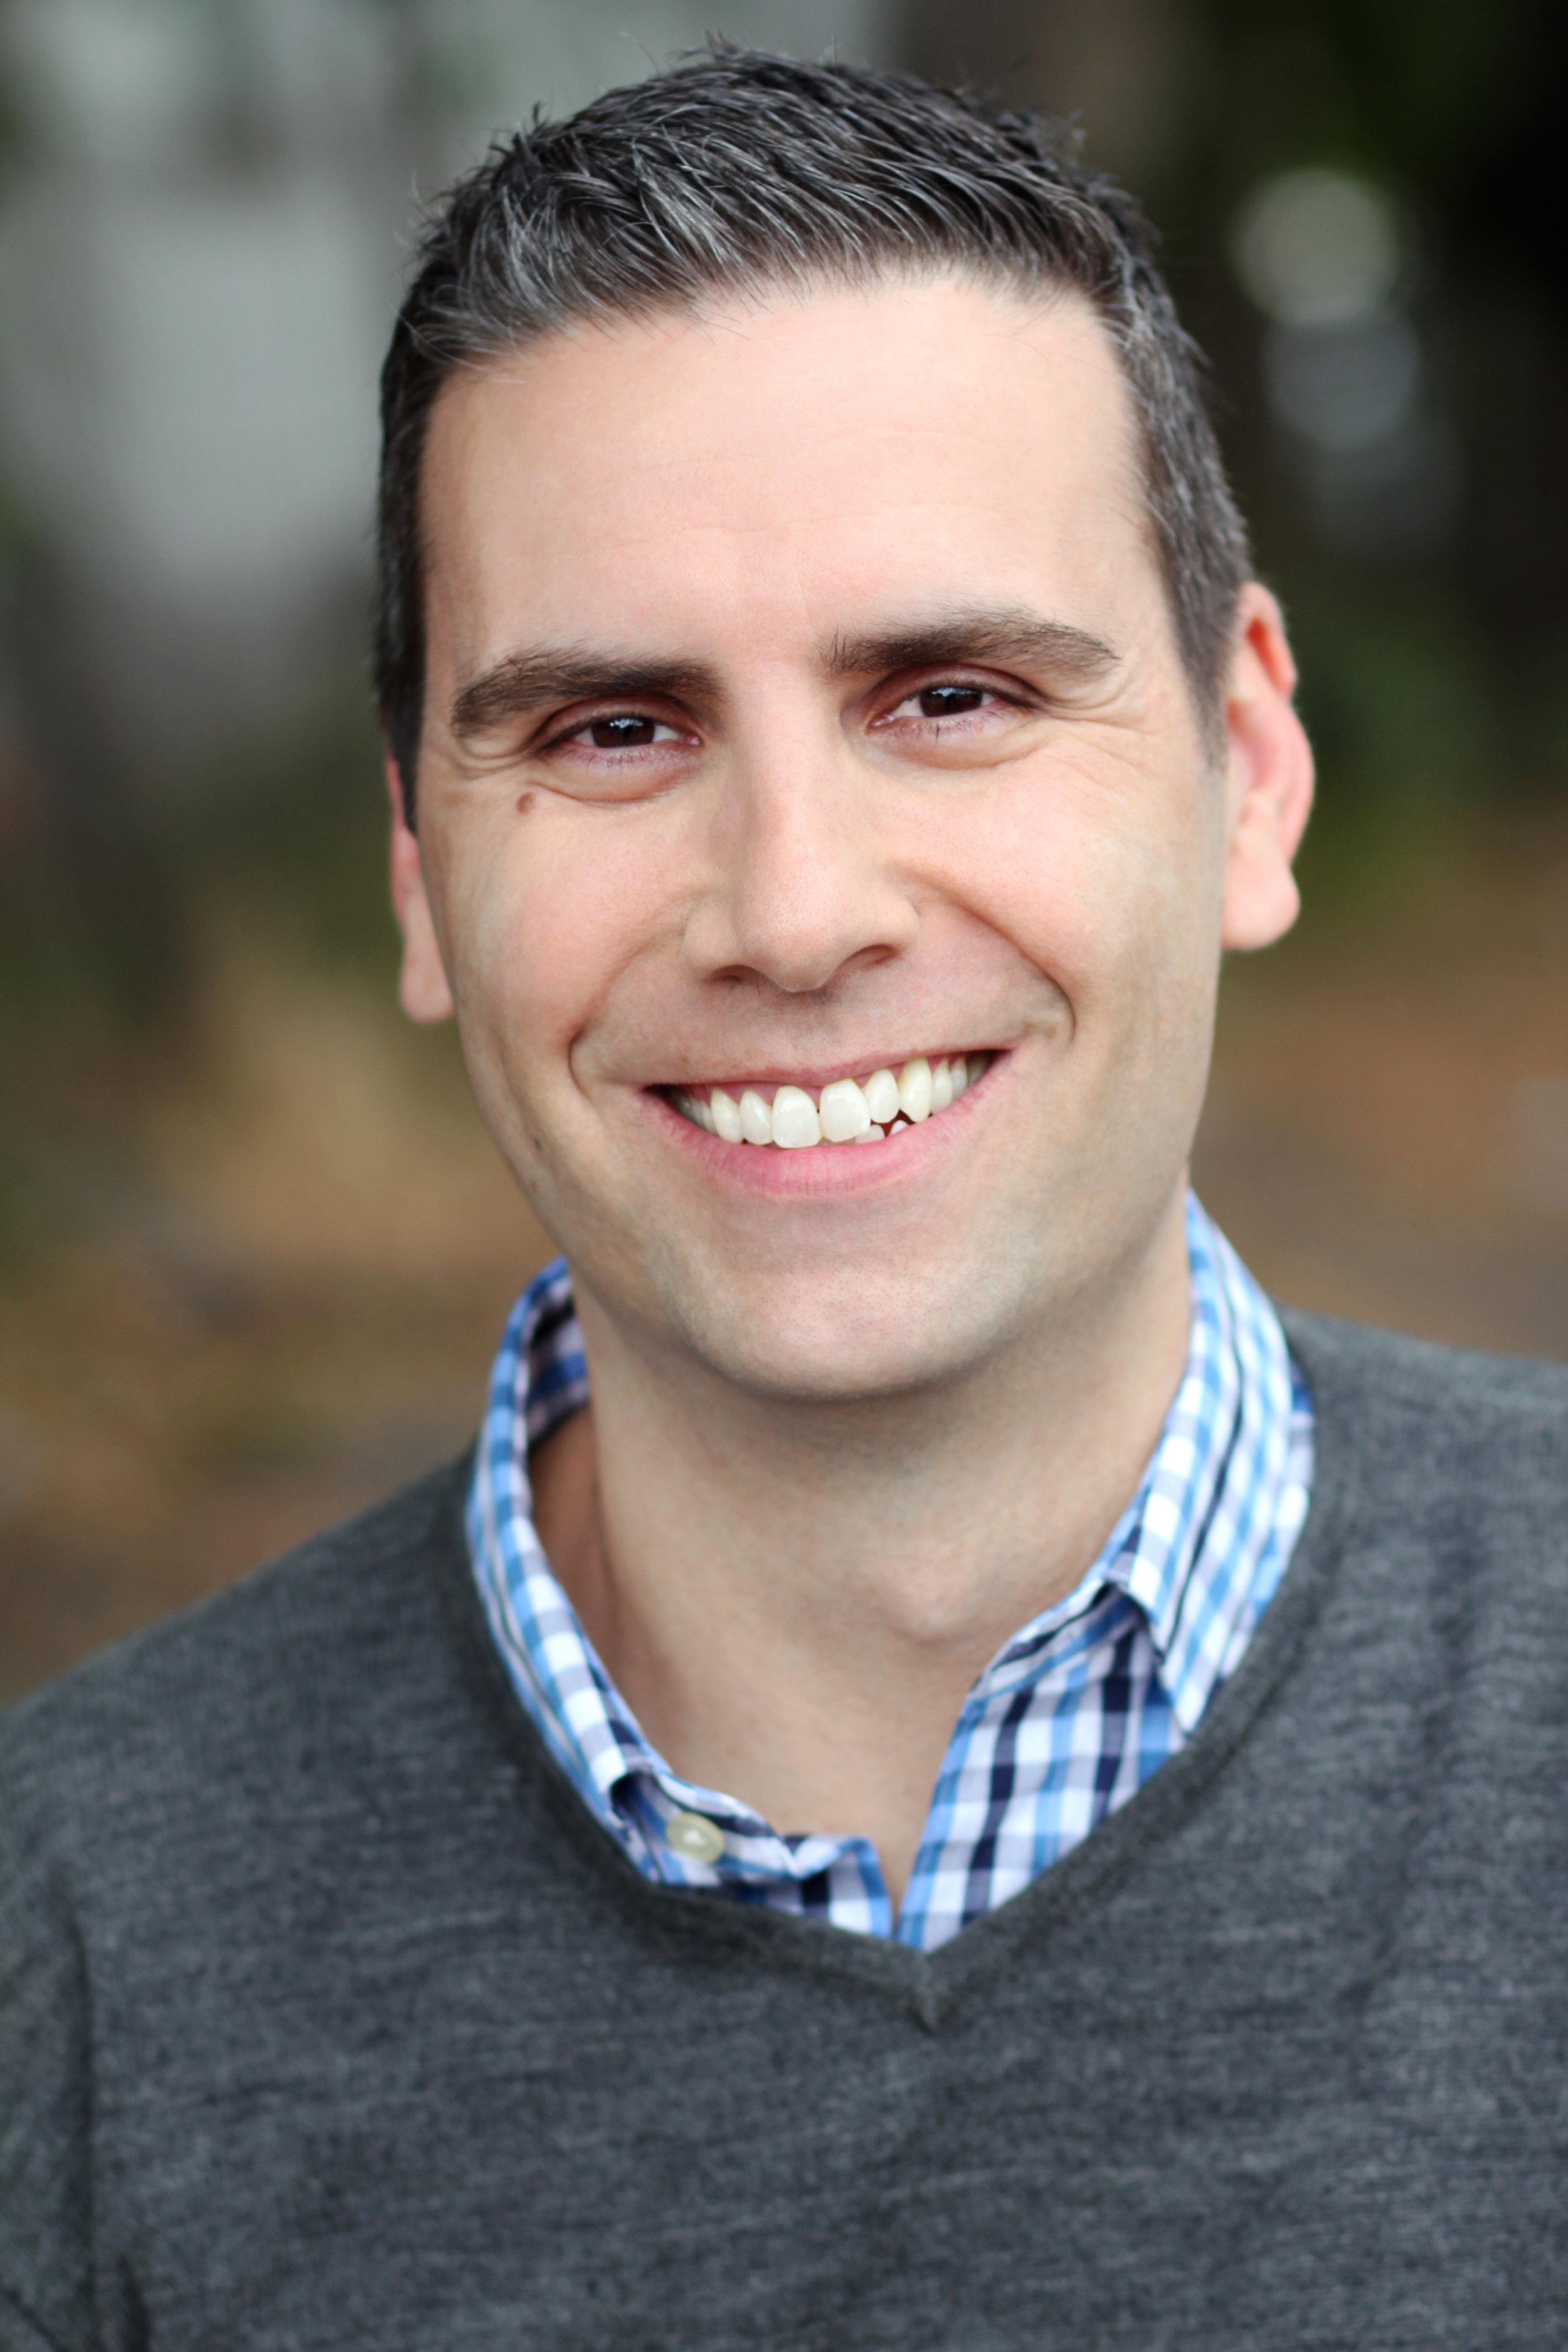 Adam Michael Rose